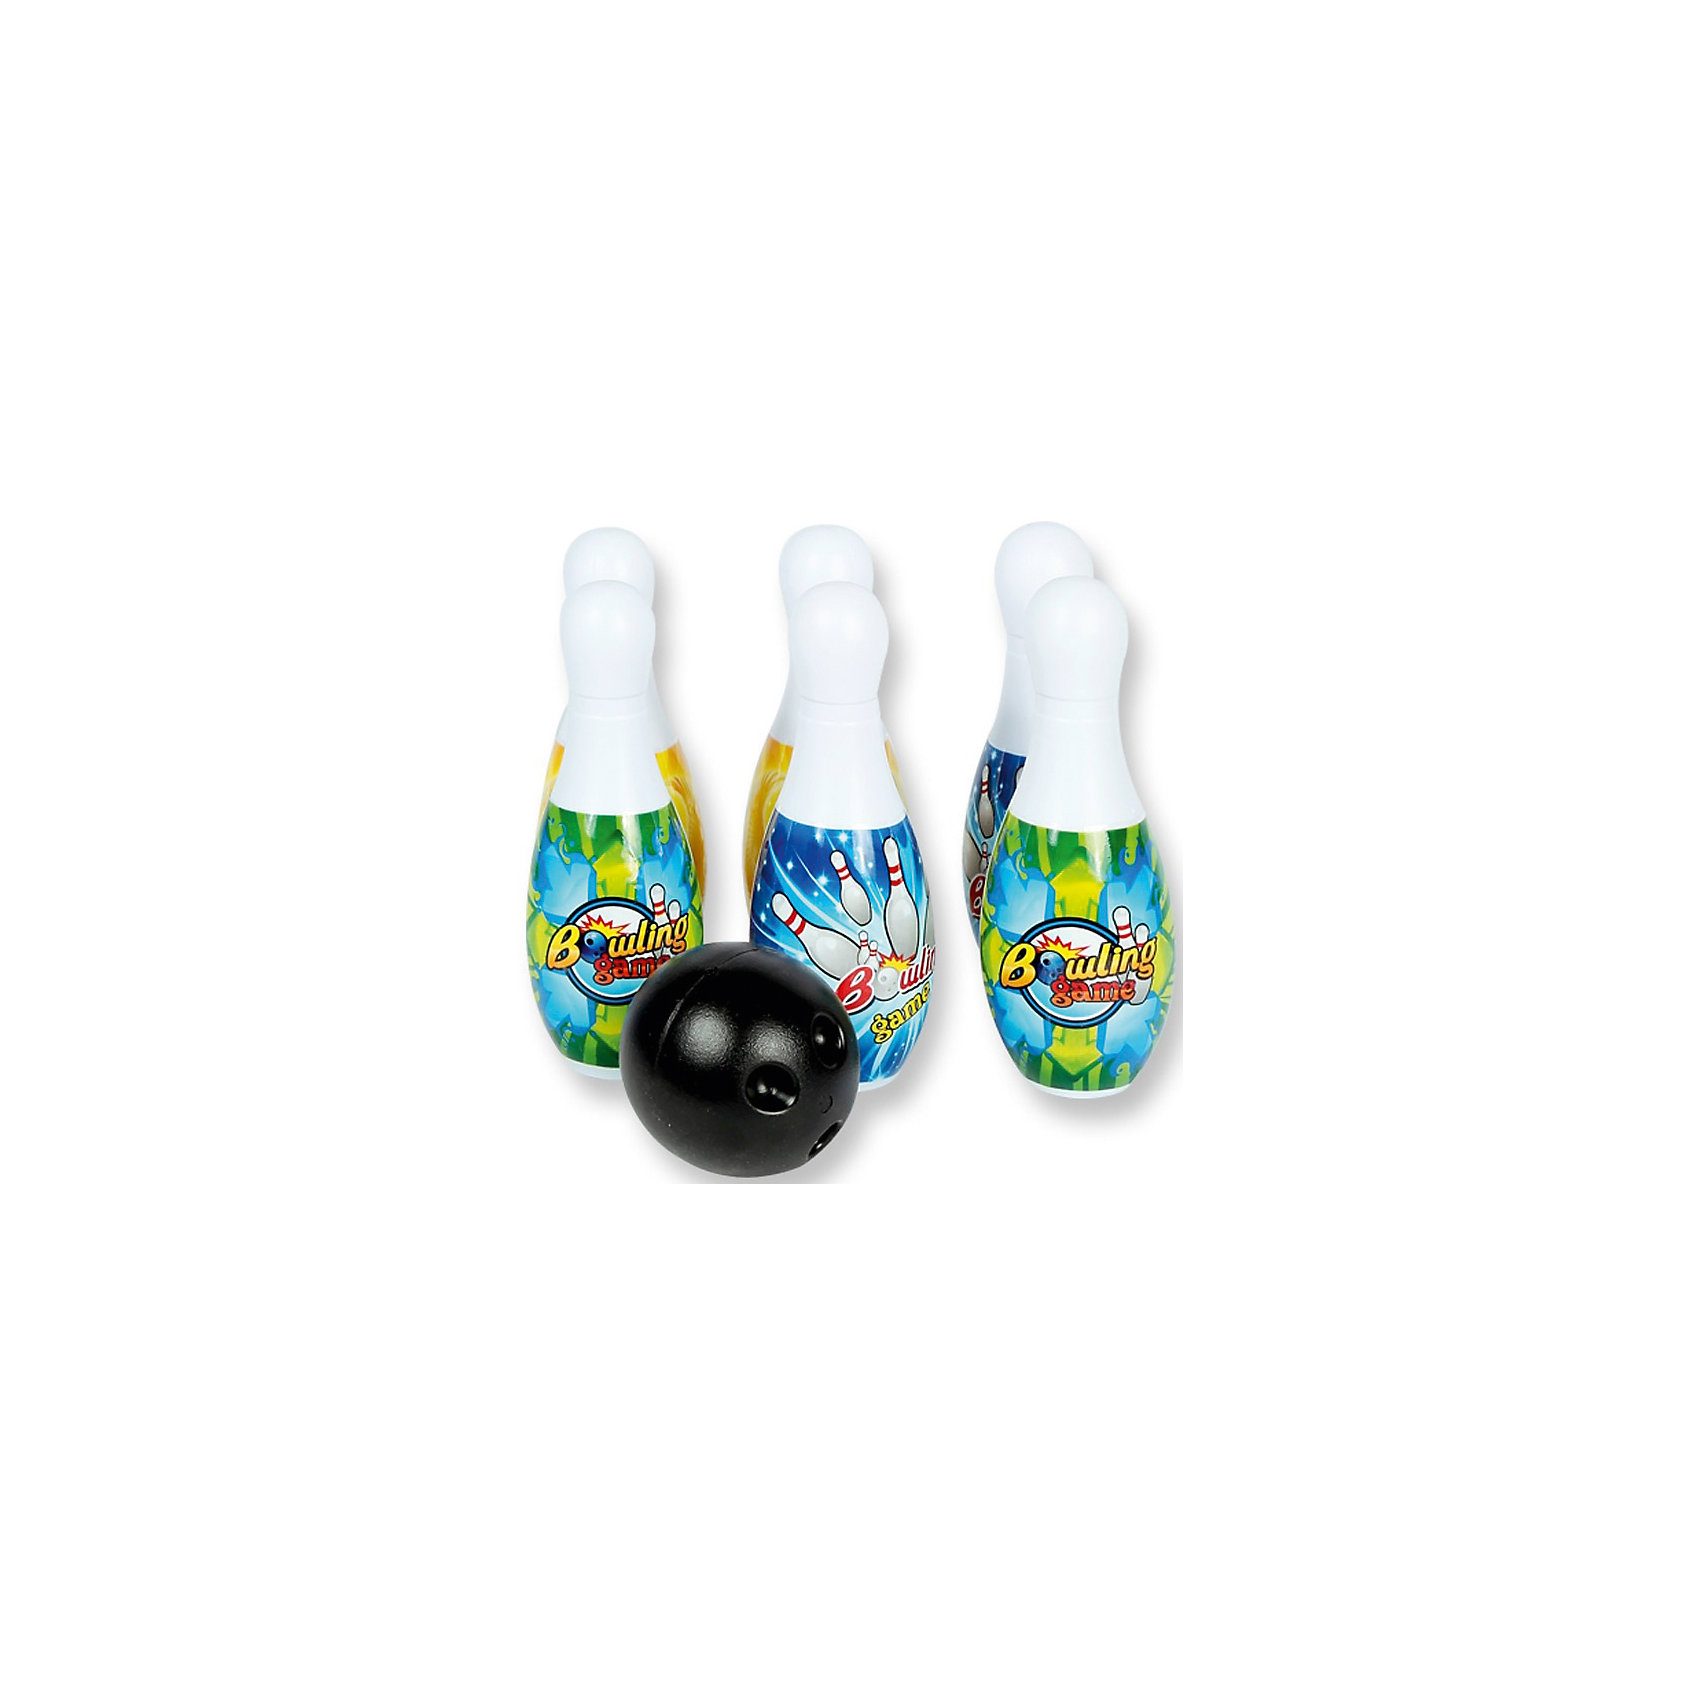 Детская игра Боулинг, YG SportДетская игра Боулинг, YG Sport- прекрасно подойдет для активных детских игр как в зале так и на открытом воздухе. В комплекте шесть кеглей и шар, выполненные из прочного высококачественного пластика. Кегли белого цвета украшены яркими рисунками, черный шар с удобными выемками для пальцев. Игра прекрасно развивает координацию движений, глазомер, ловкость и мелкую моторику. <br><br>Дополнительная информация:<br><br>- В комплекте: 6 кеглей, шар.<br>- Материал: пластик.<br>- Размер кегли: 23 см.<br>- Размер упаковки: 34 х 17 х 22 см.<br>- Вес: 0,439 кг.<br><br>Детскую игру Боулинг, YG Sport, можно купить в нашем интернет-магазине.<br><br>Ширина мм: 342<br>Глубина мм: 170<br>Высота мм: 225<br>Вес г: 439<br>Возраст от месяцев: 36<br>Возраст до месяцев: 72<br>Пол: Унисекс<br>Возраст: Детский<br>SKU: 4540567